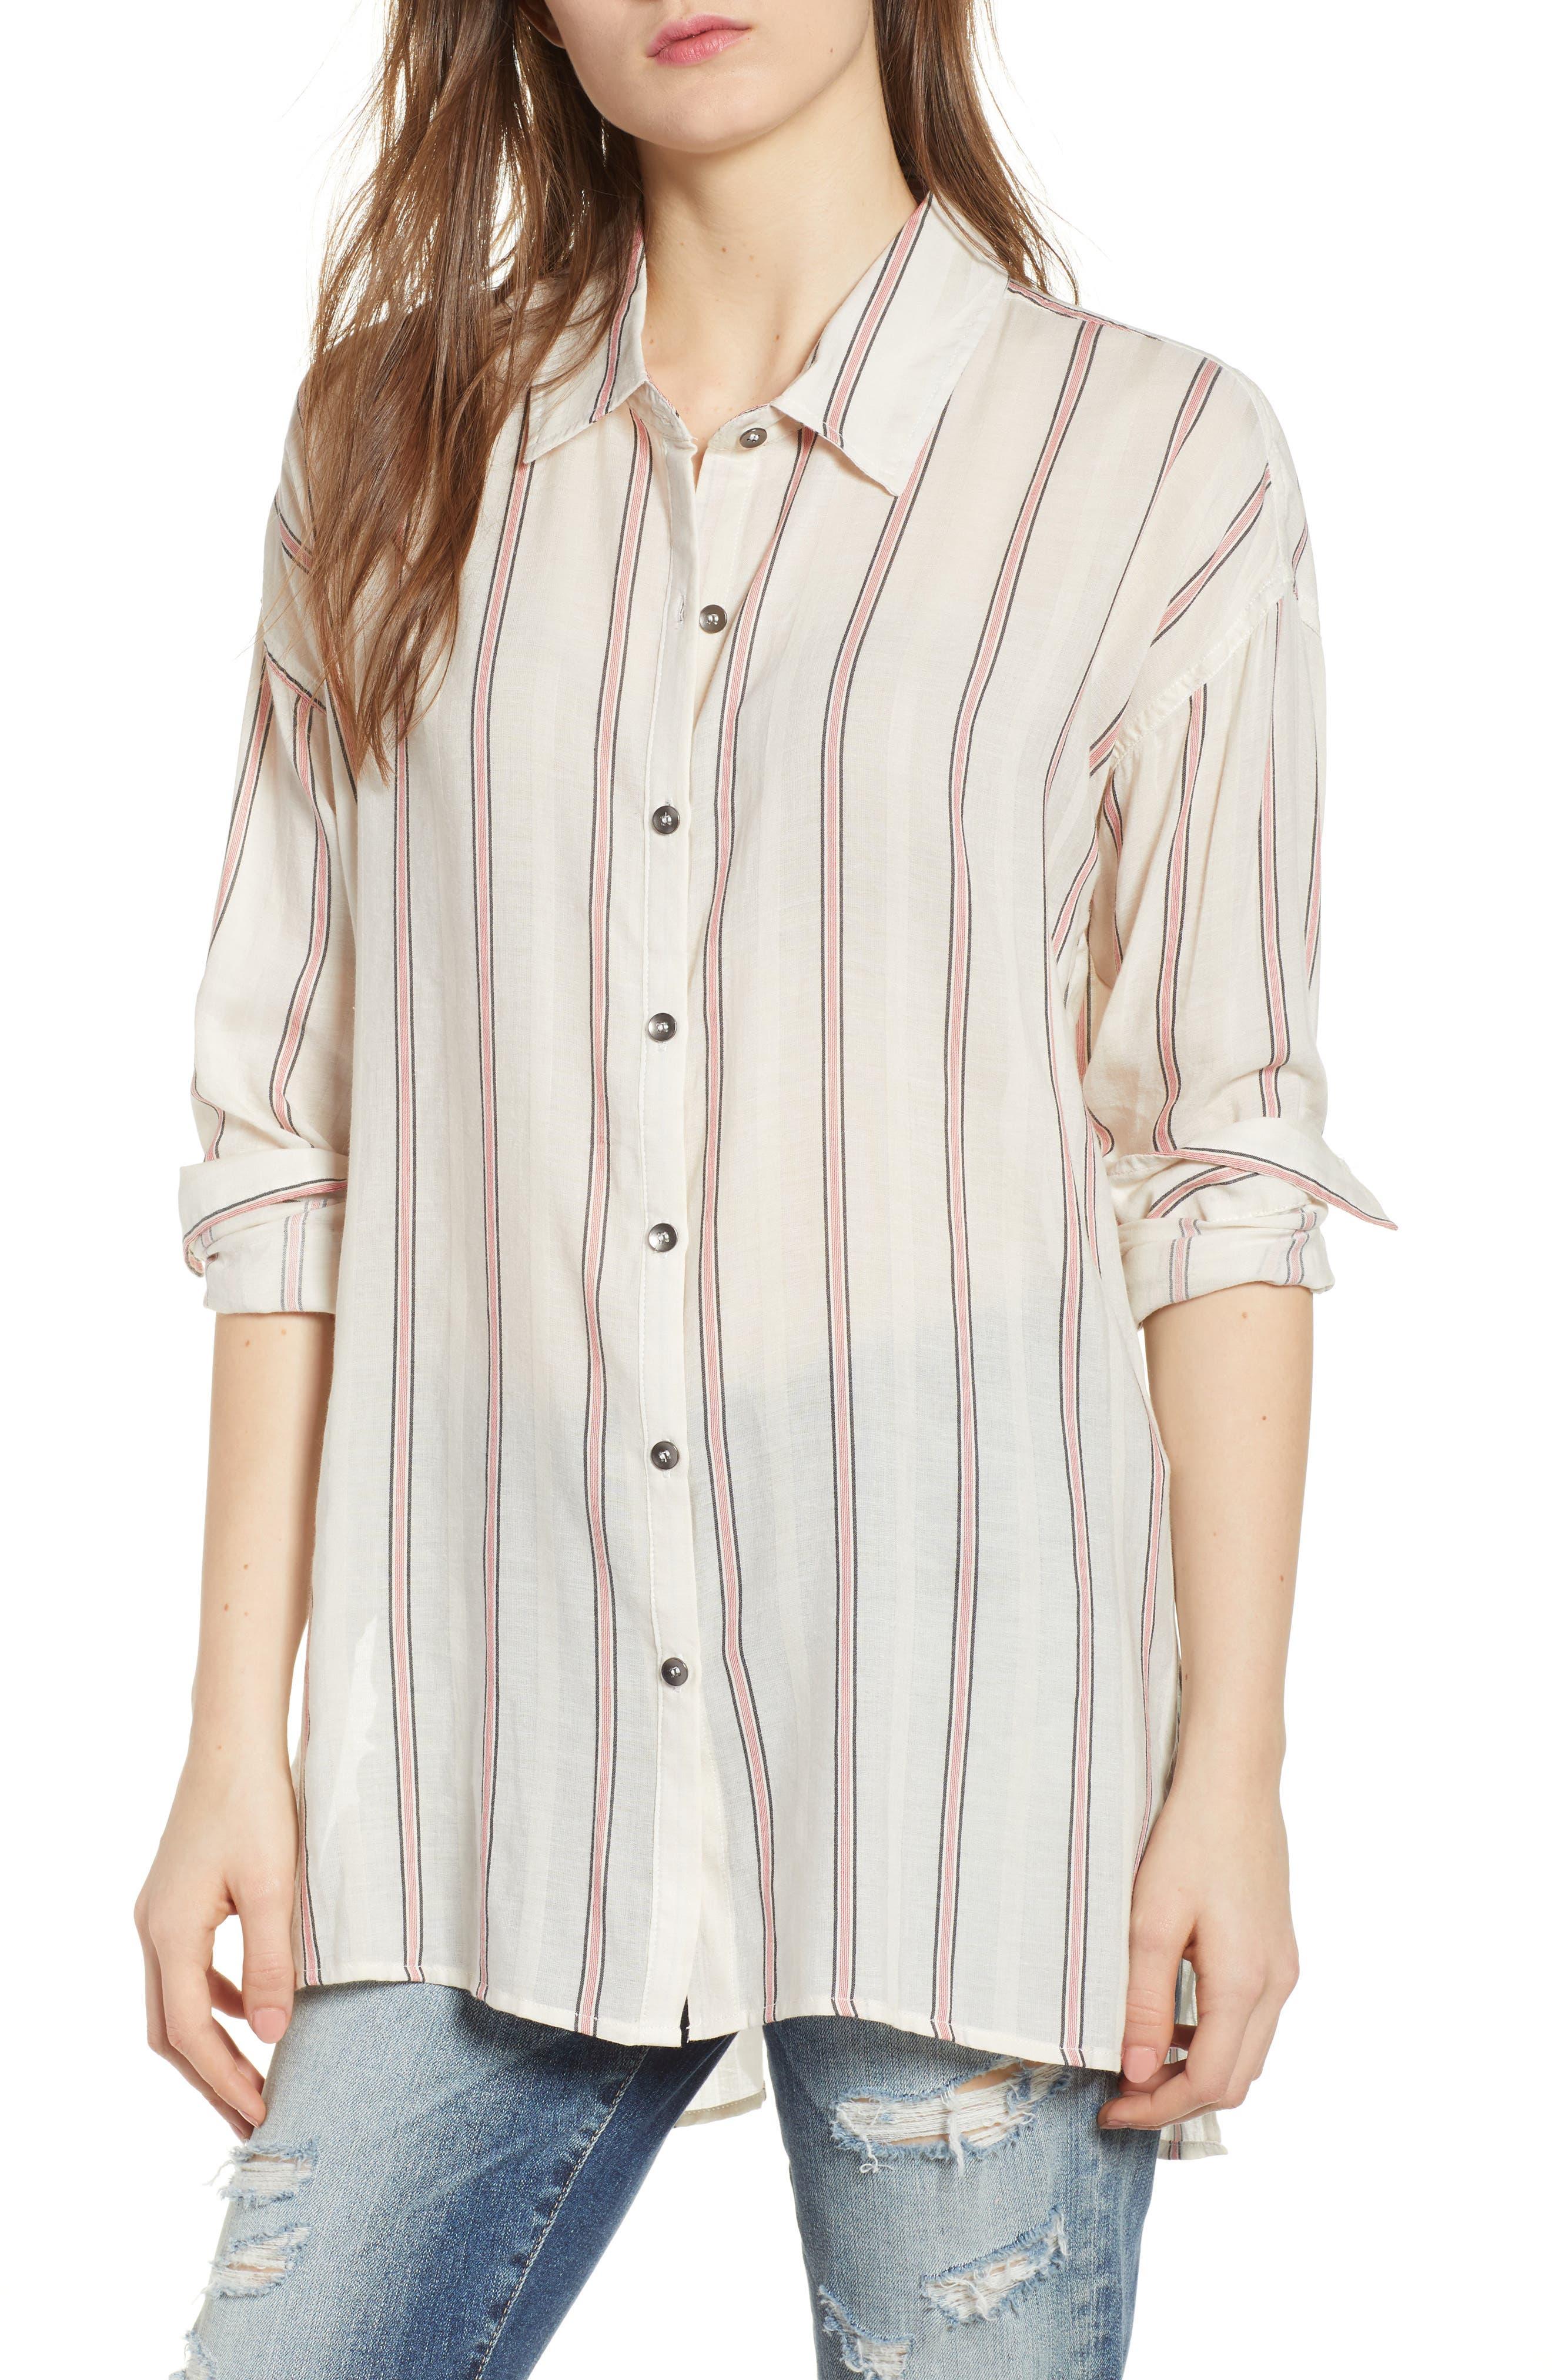 Splendid Stripe Woven Shirt